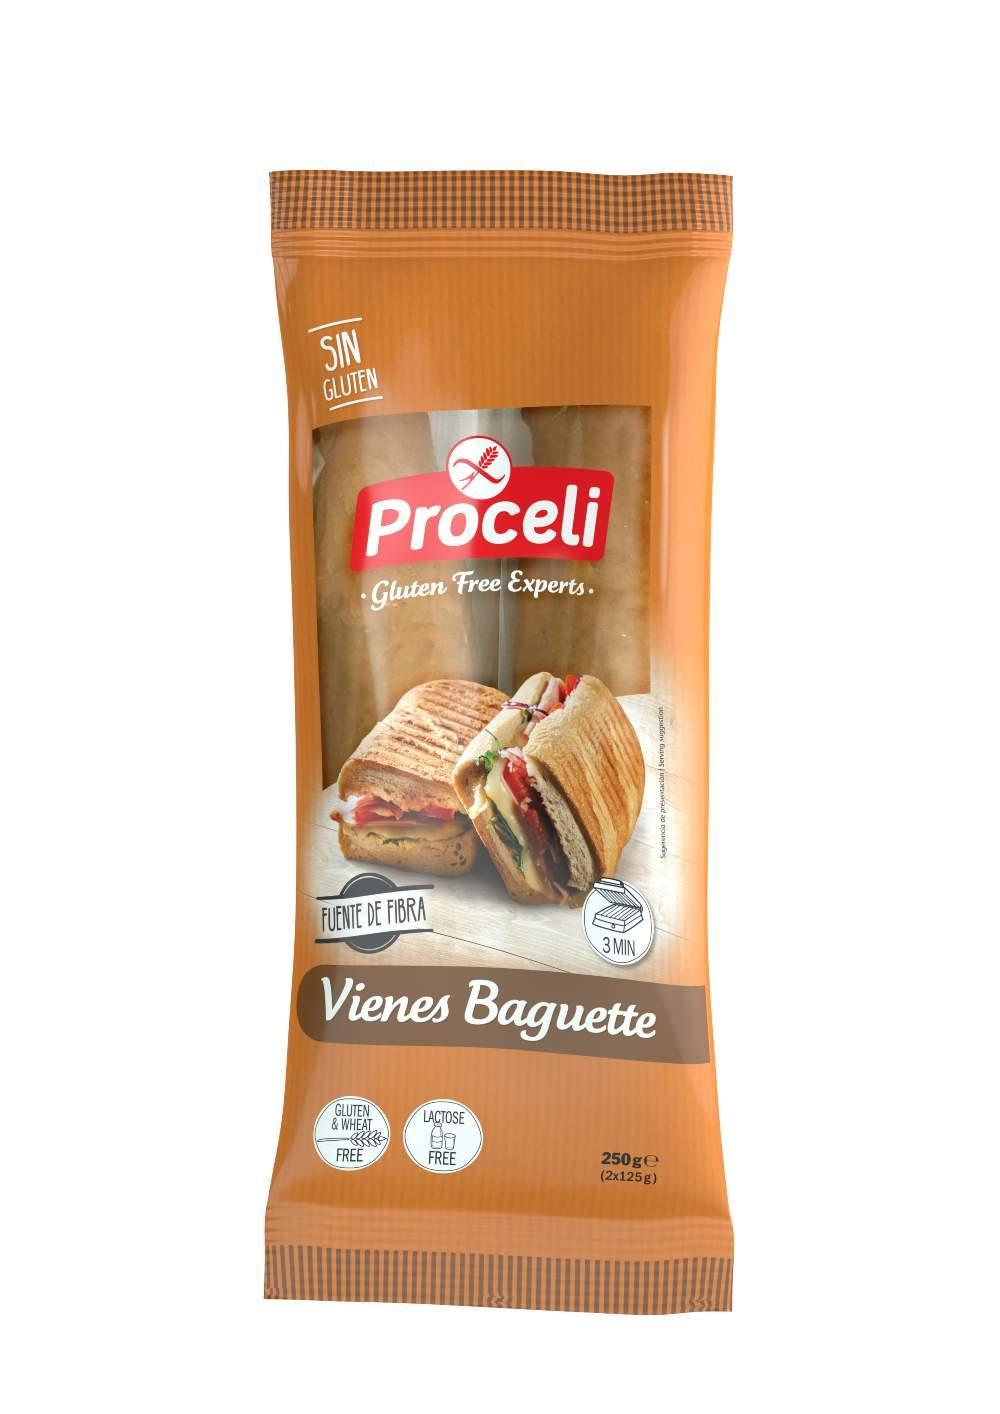 vienes baguette proceli sin gluten